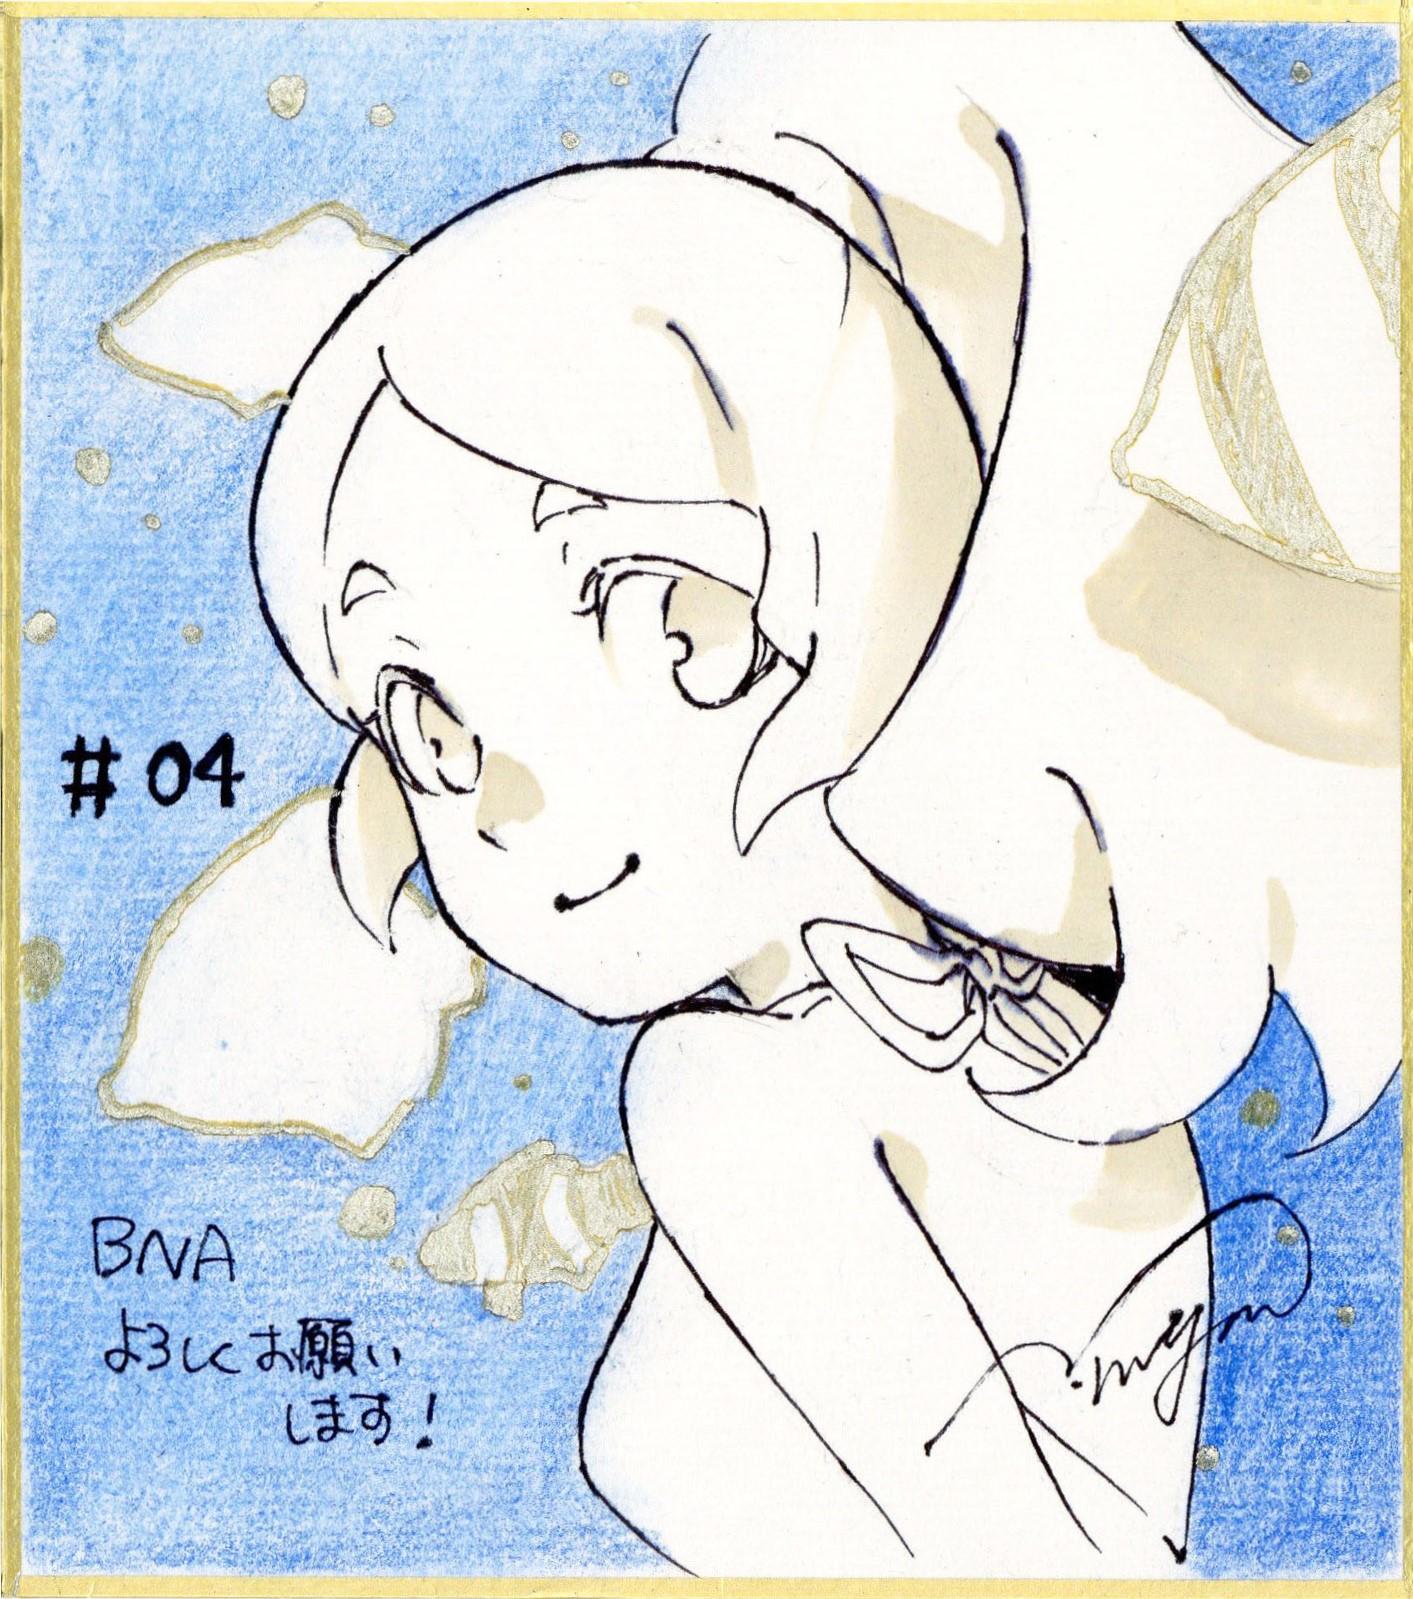 BNA Shikishi 01x04 di Mayumi Nakamura